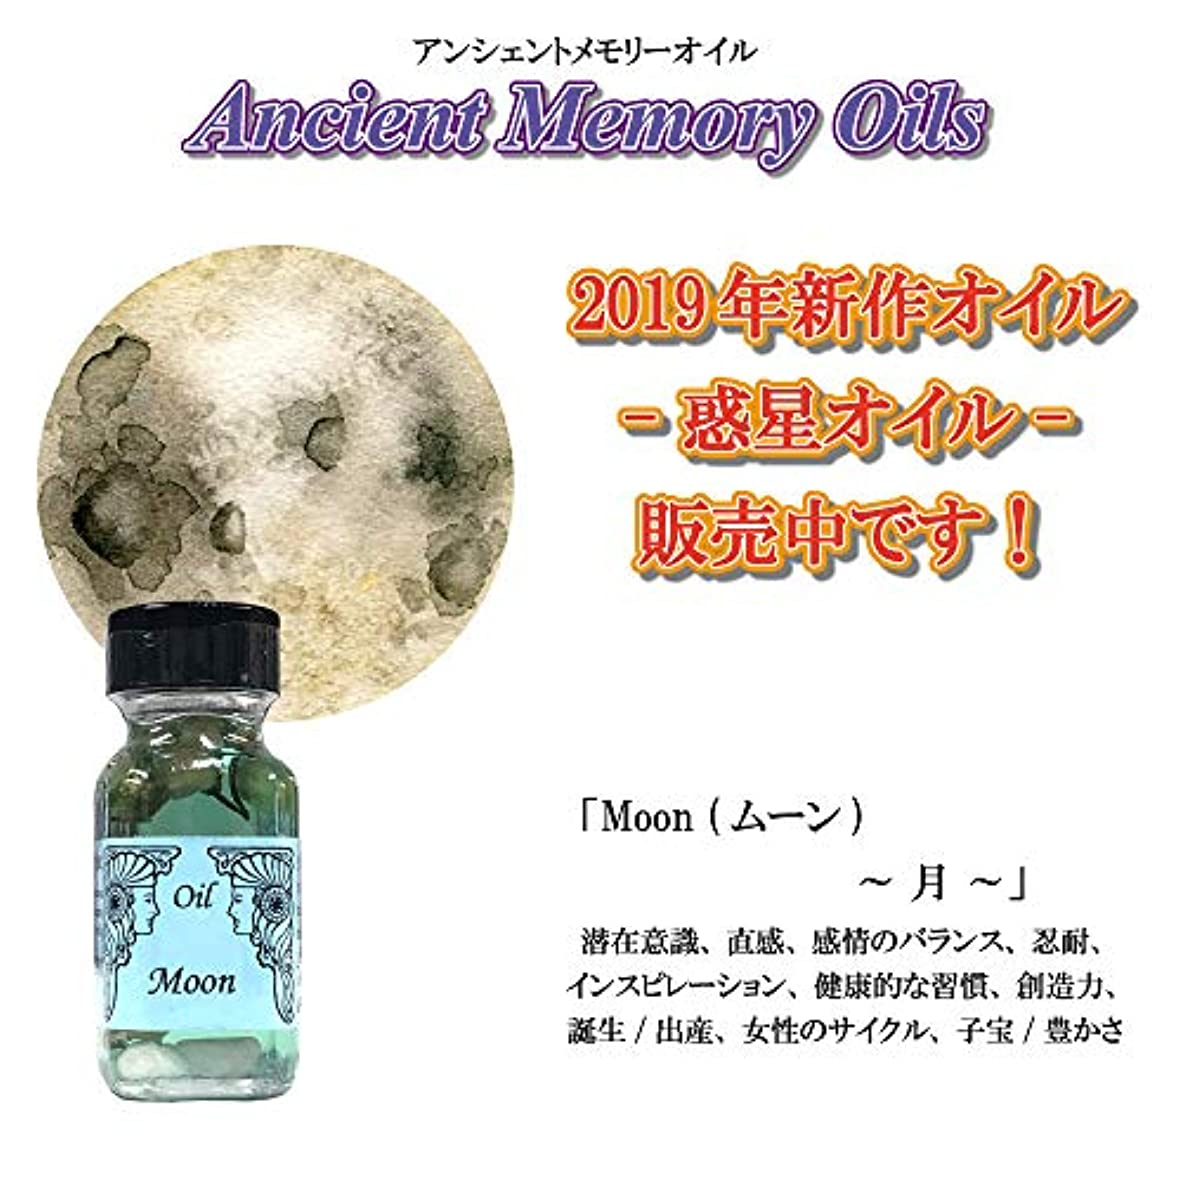 消える電気恐れるSEDONA Ancient Memory Oils セドナ アンシェントメモリーオイル 惑星オイル Moon 月 ムーン 15ml